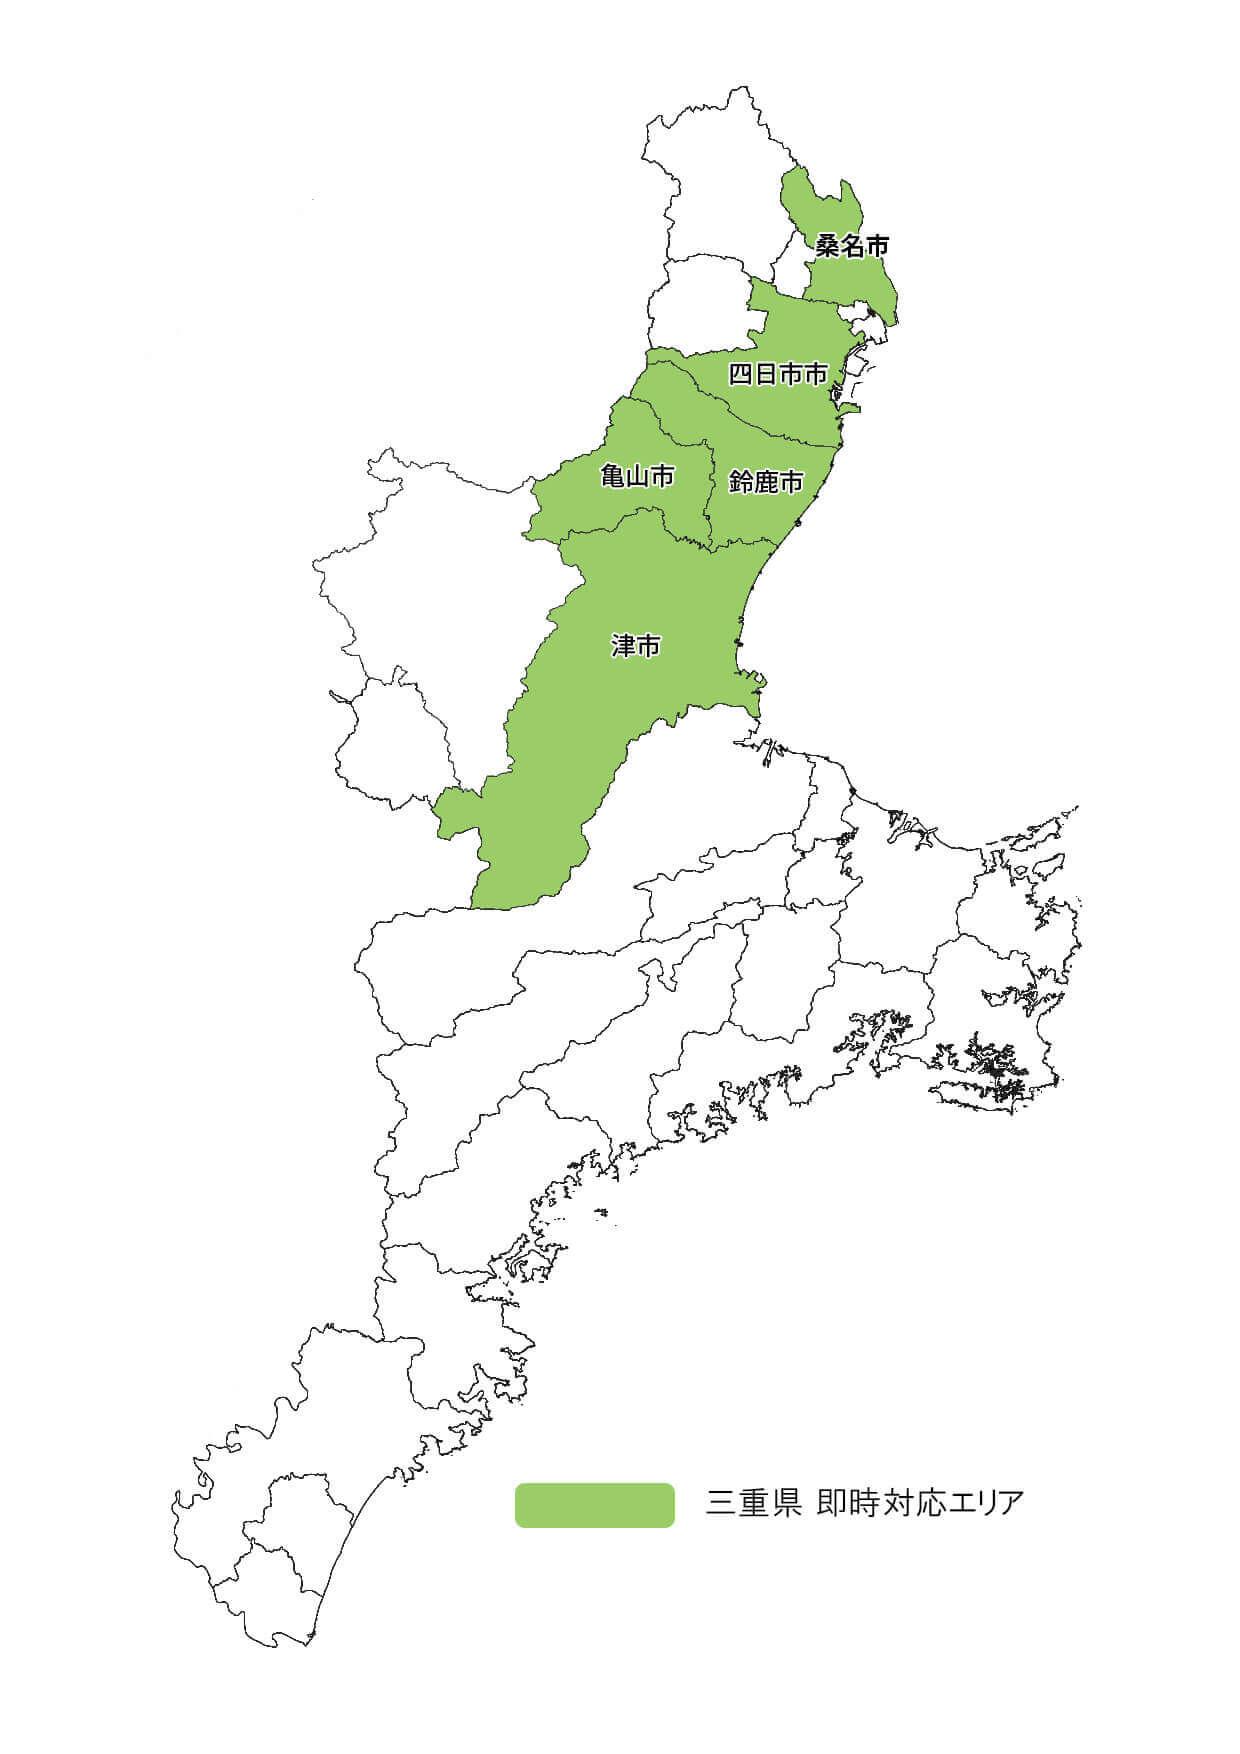 三重県即時対応エリアマップ